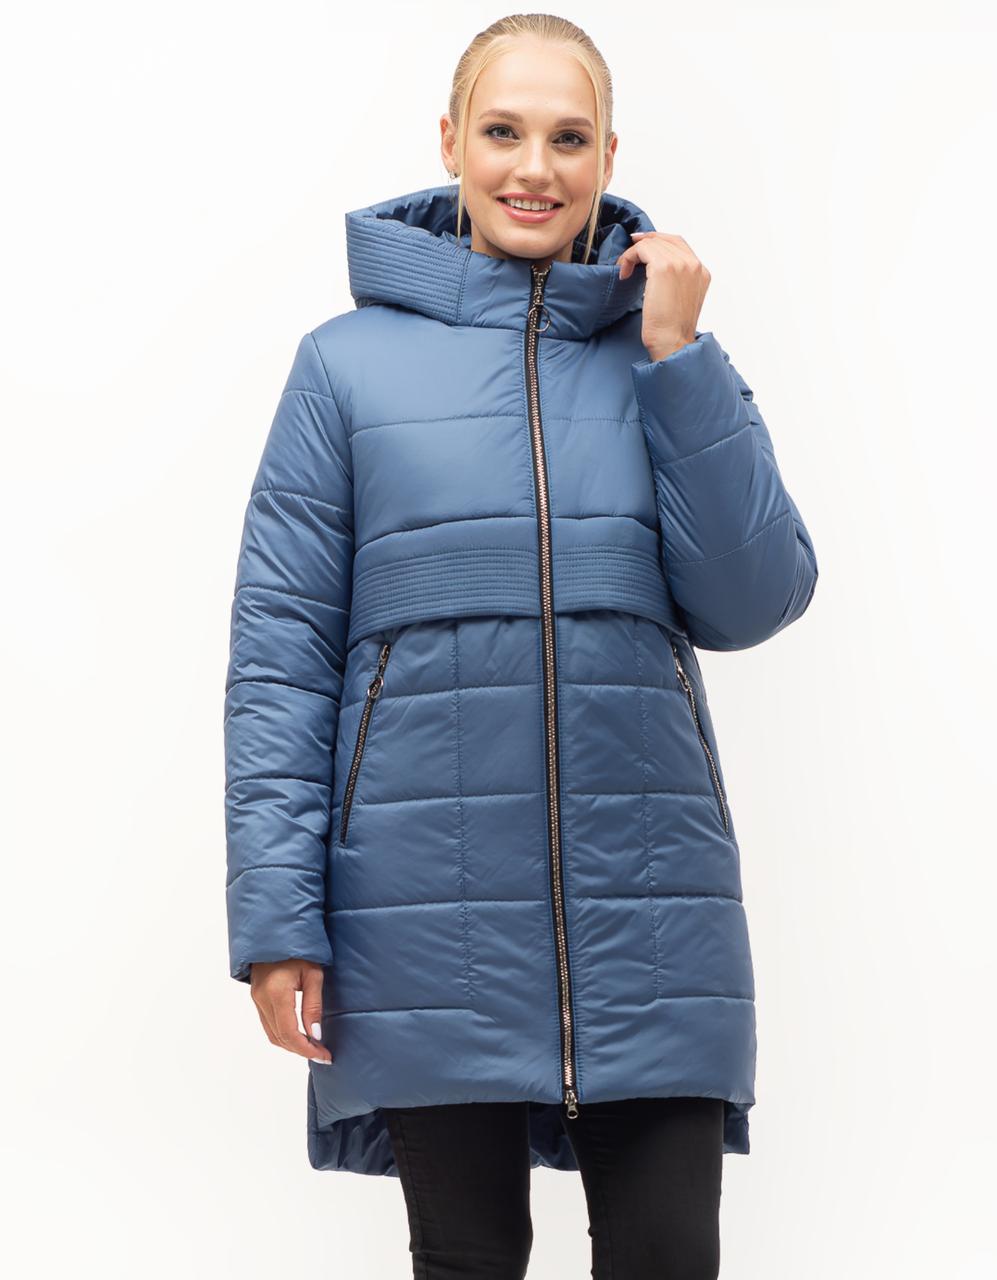 Стильная молодежная зимняя куртка с капюшоном больших размеров